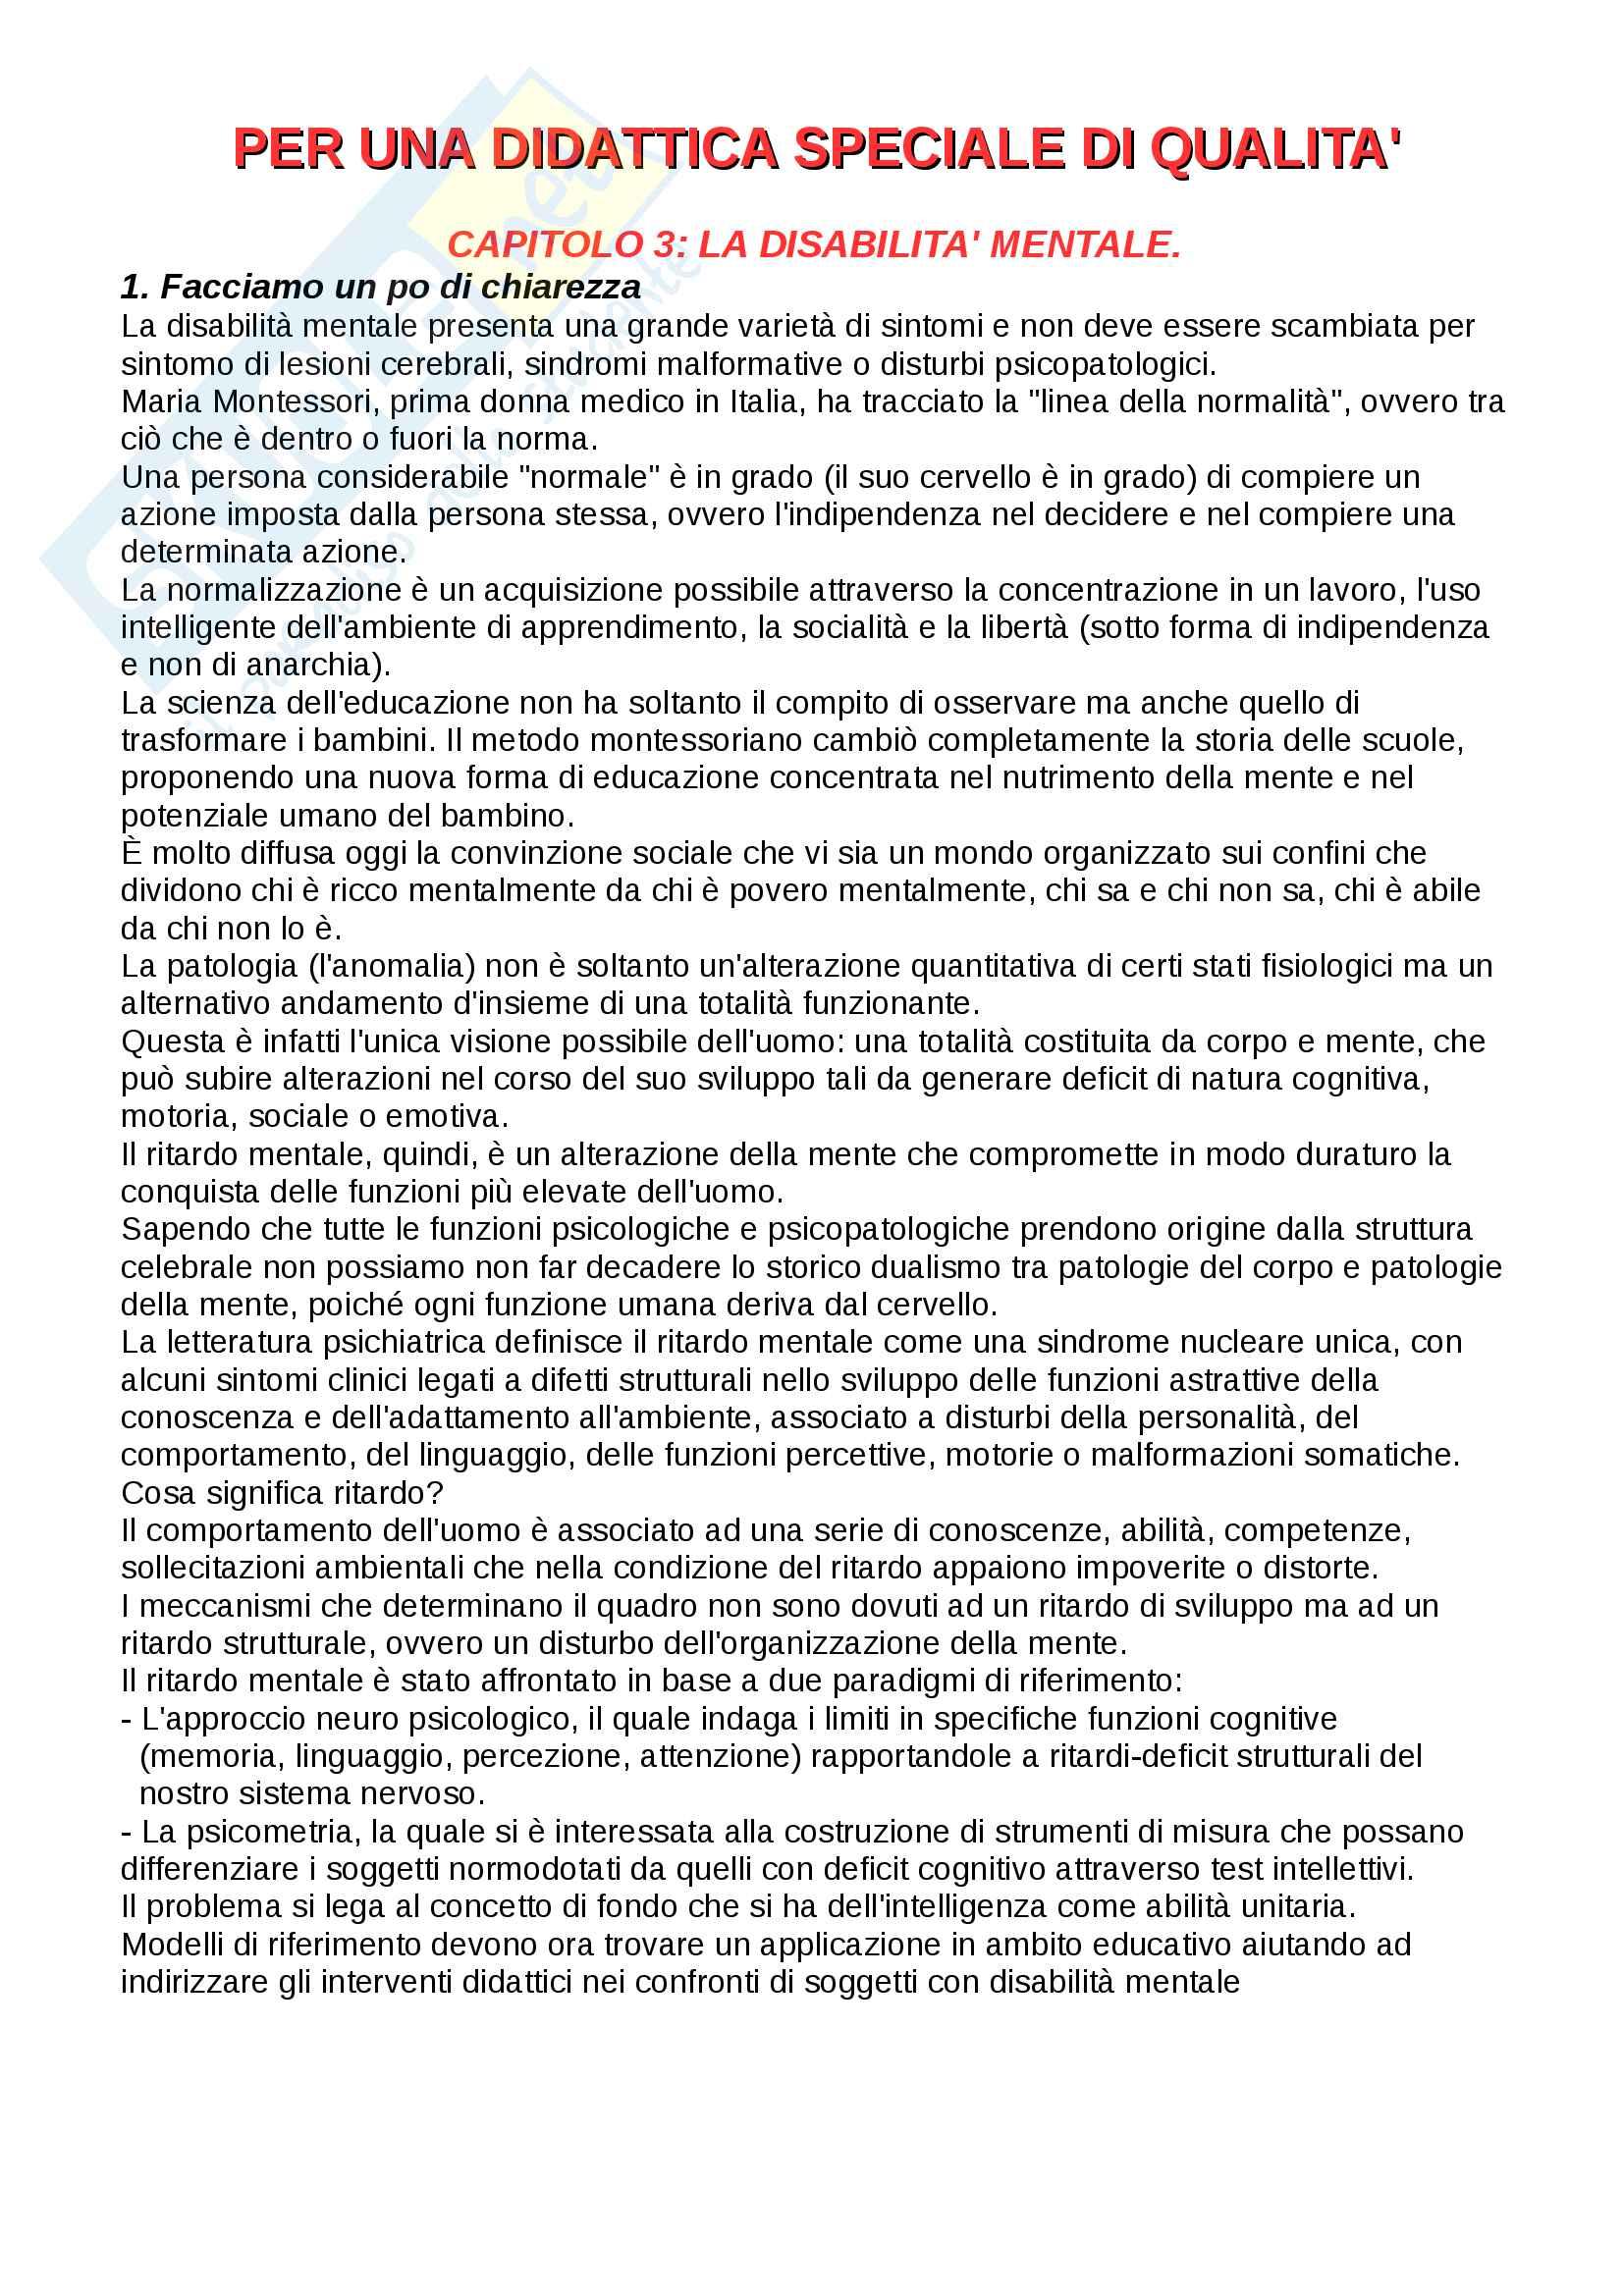 Riassunto Pedagogia Speciale, Prof Cottini Lucio